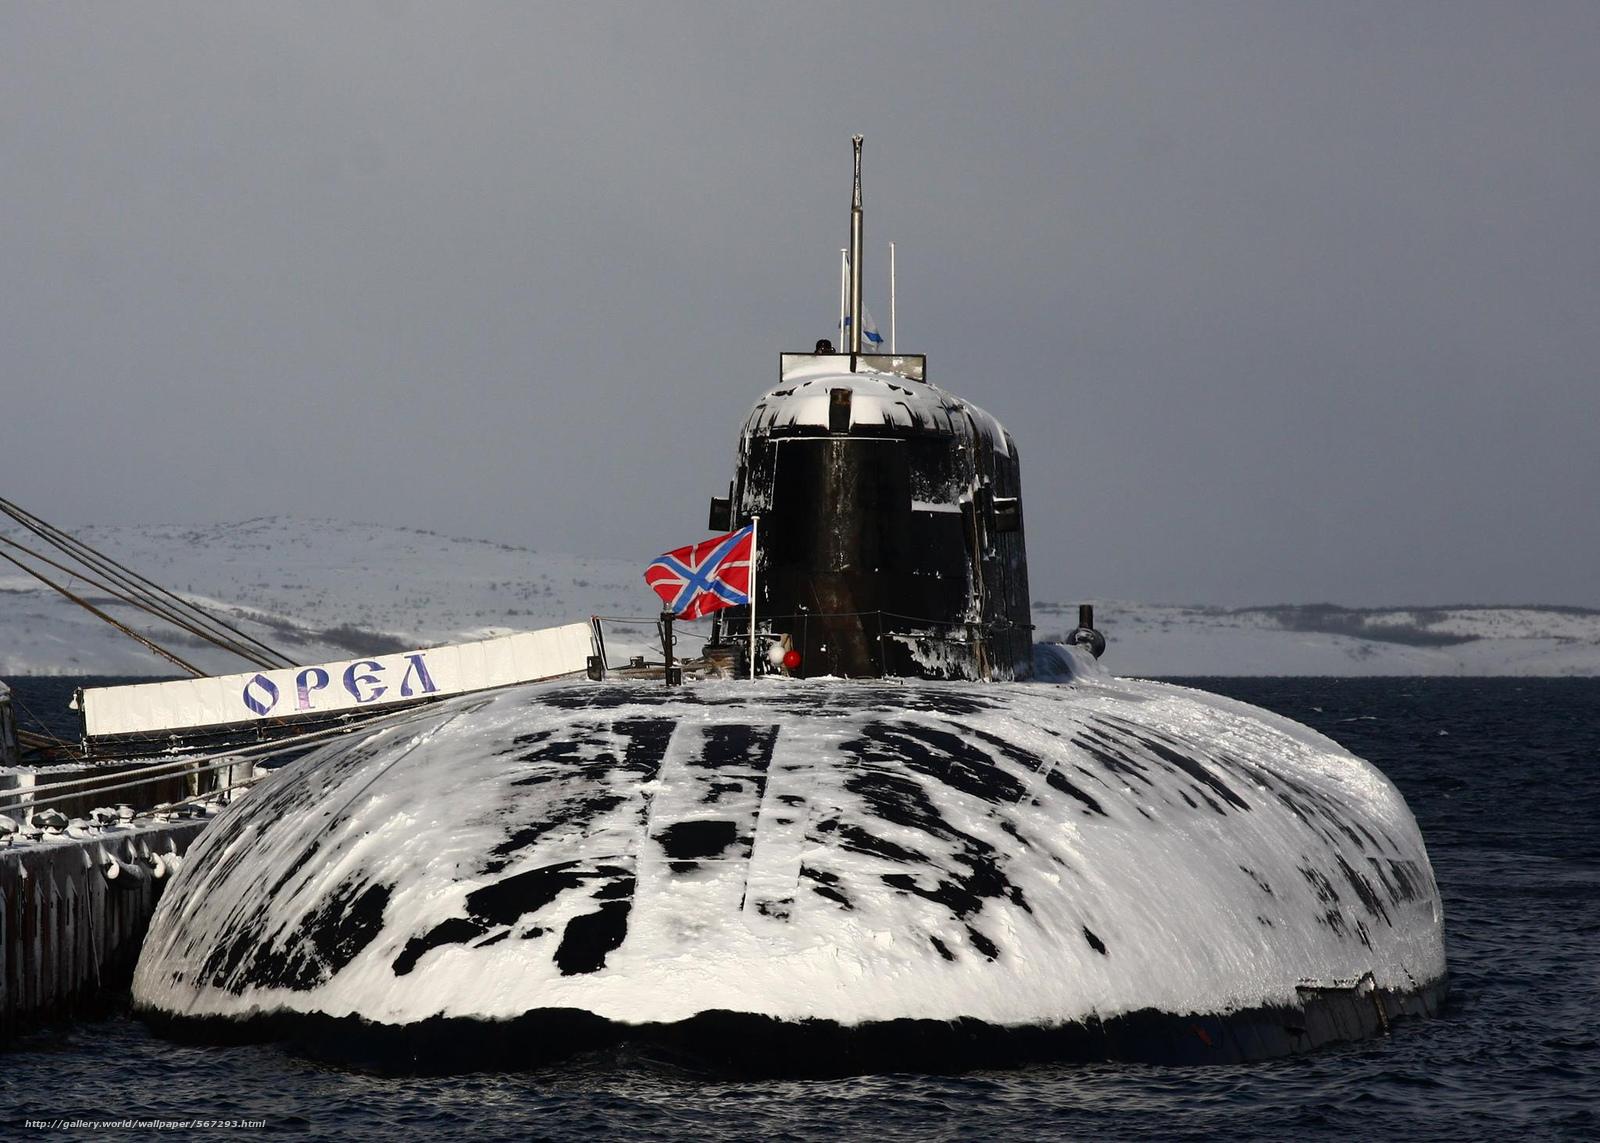 фото подводной лодки с северным сиянием